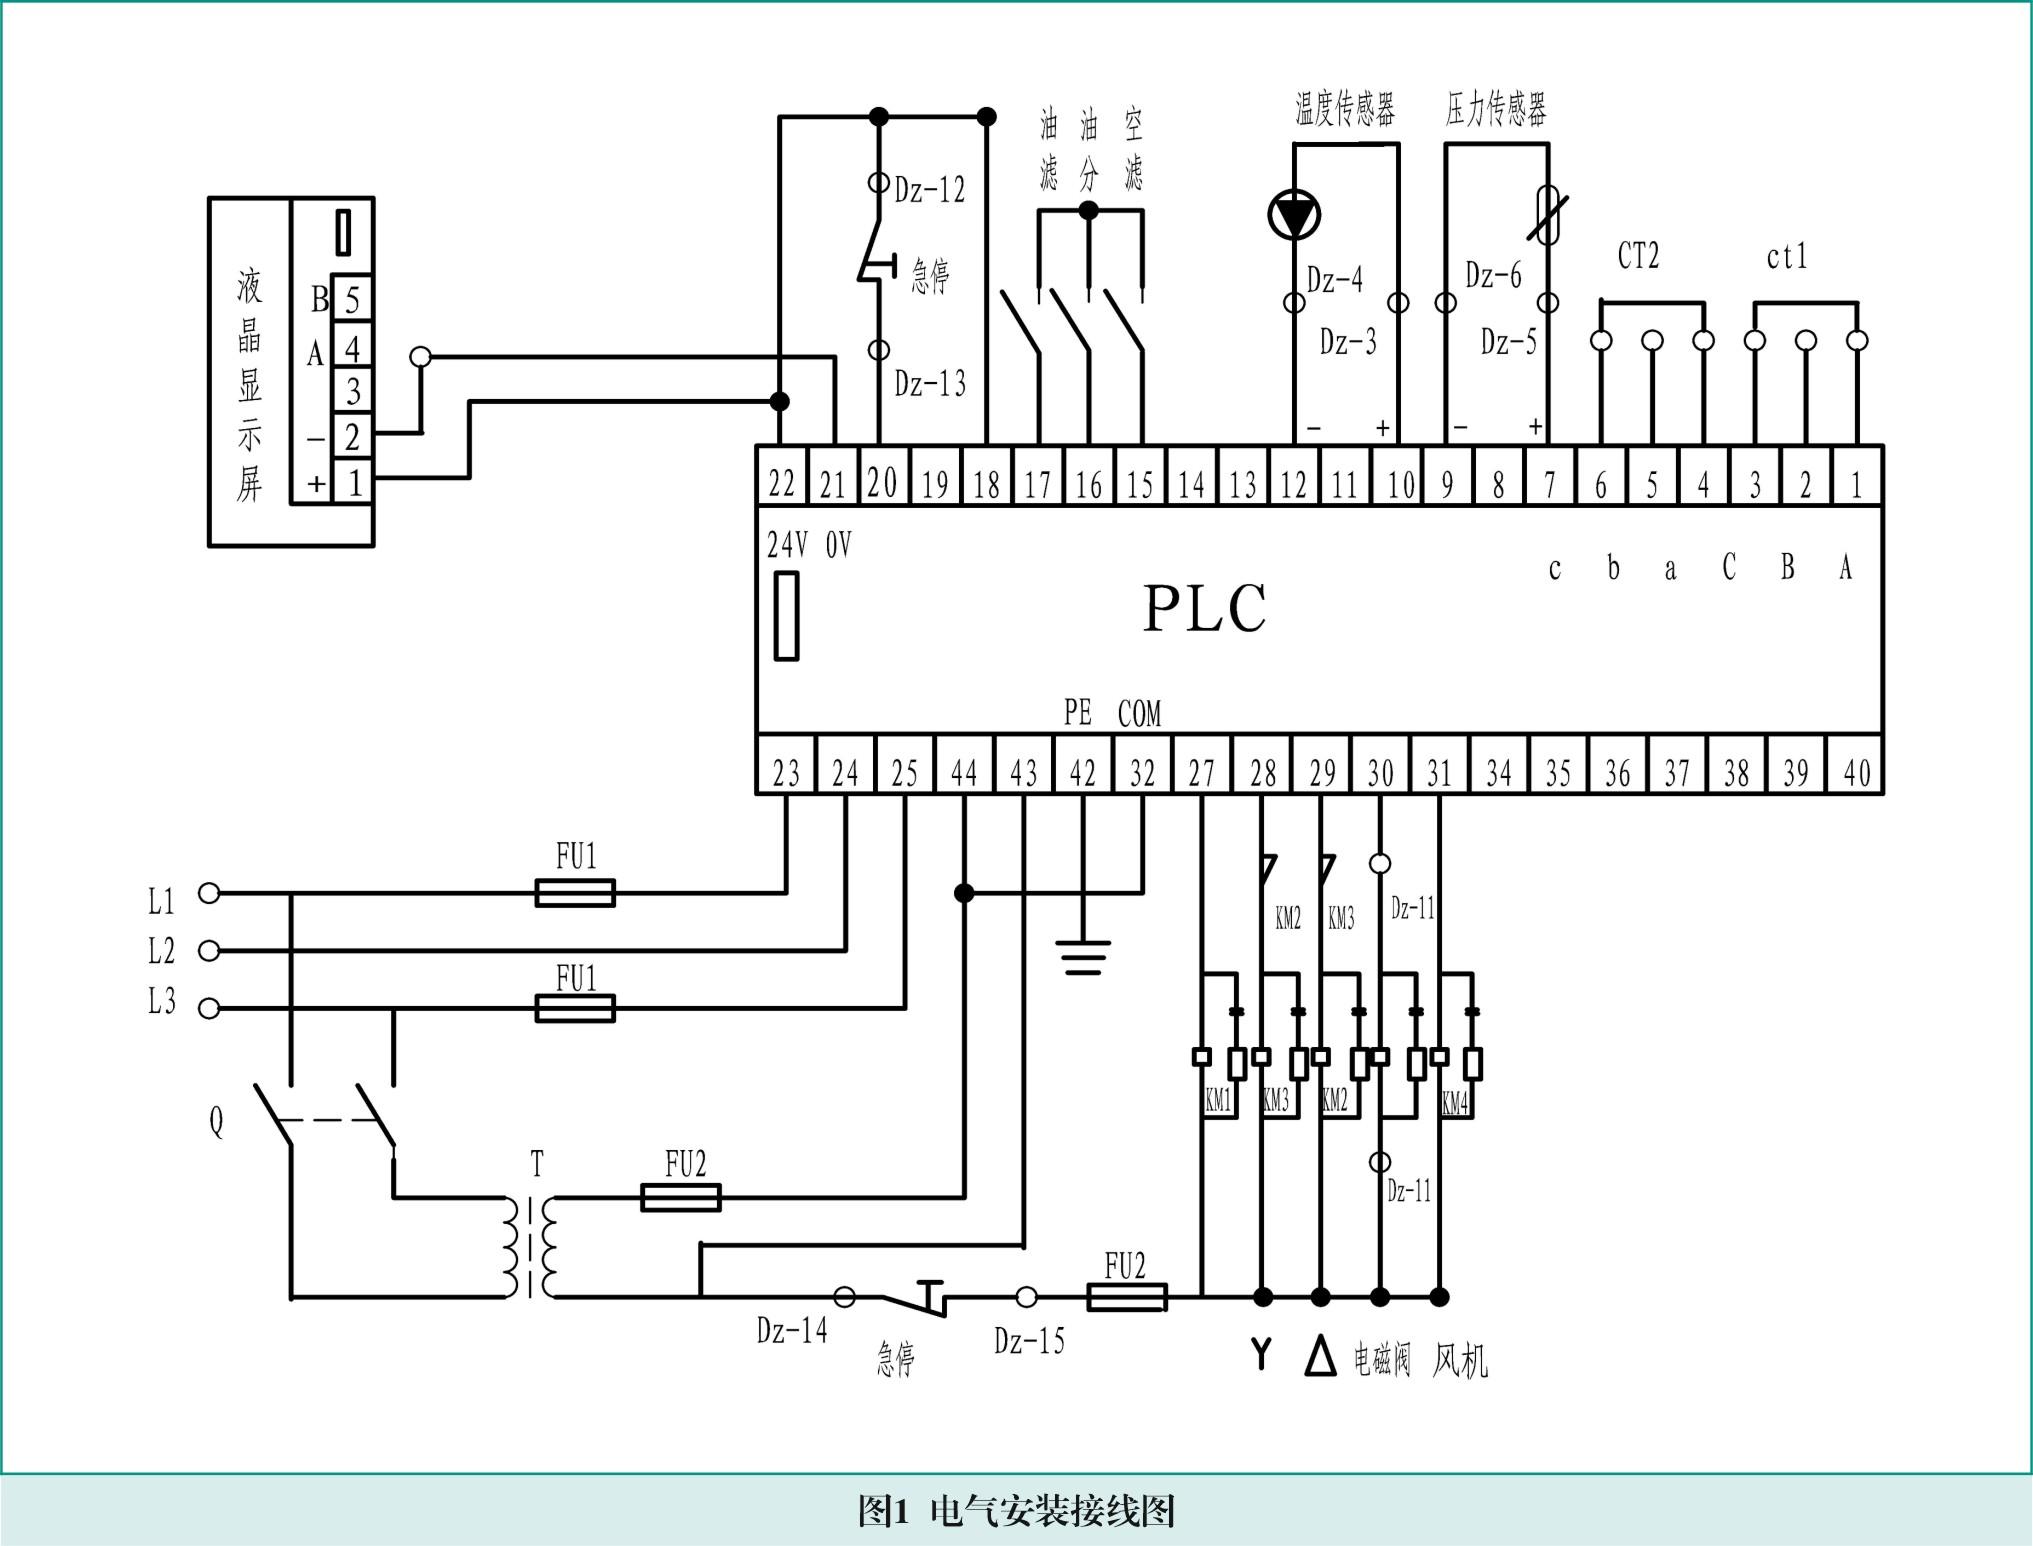 三相异步电机电路图,三相异步电机电路图,220v异步电机接线图